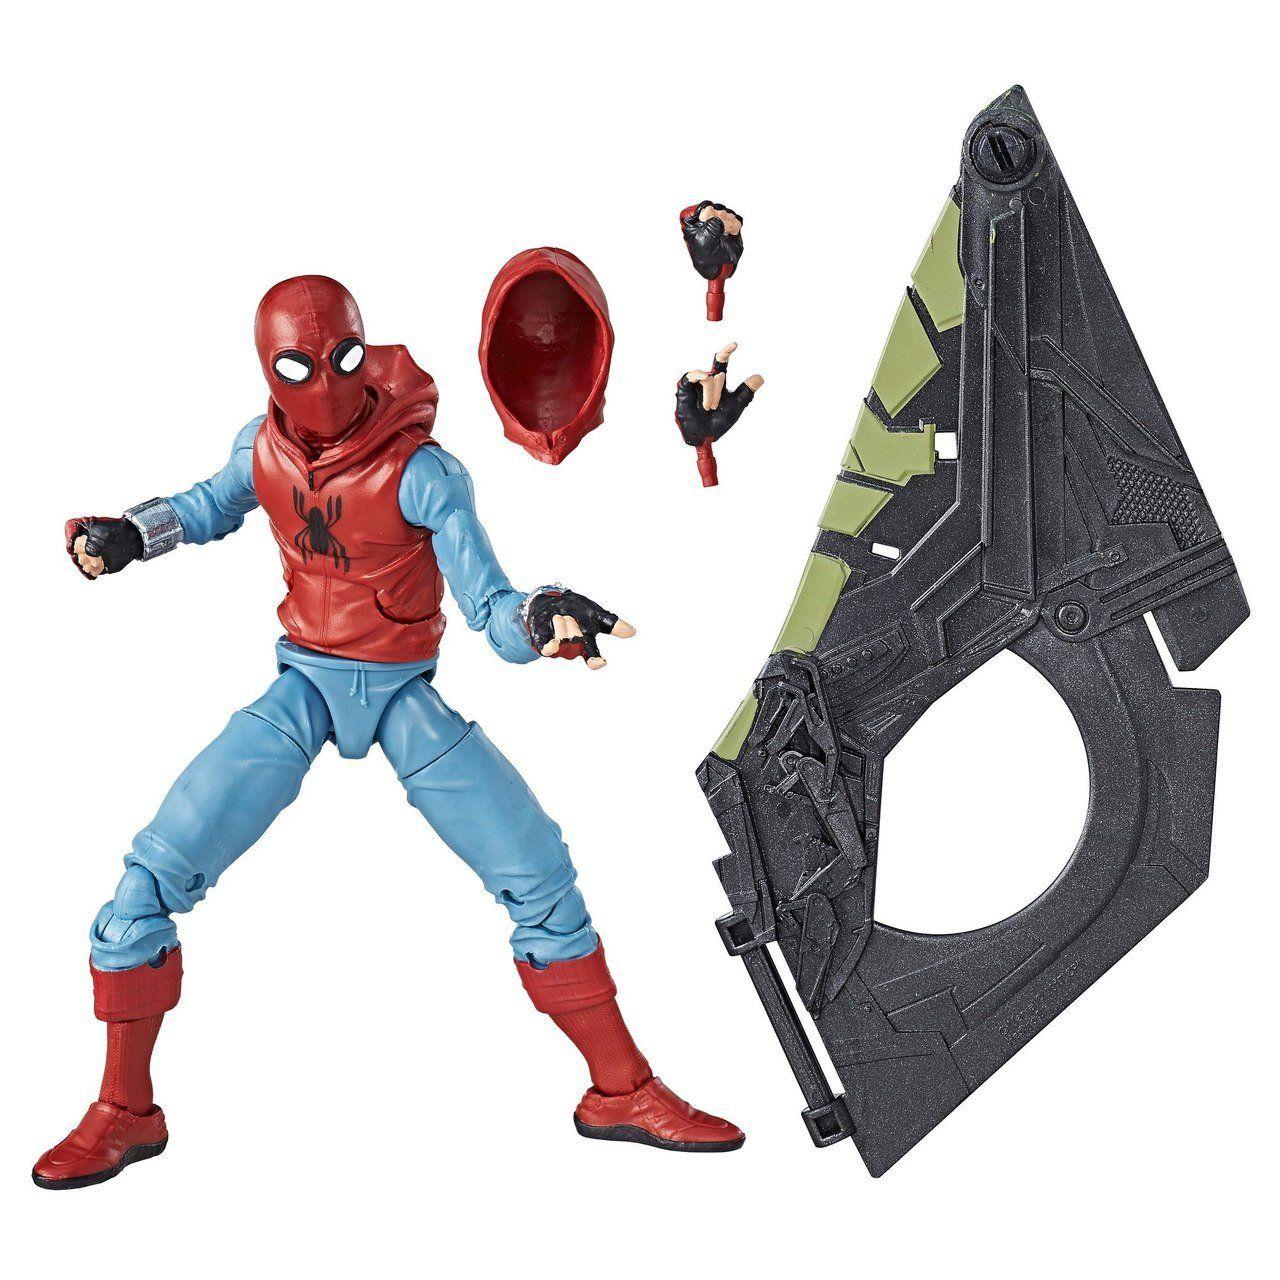 Boneco Homem-Aranha (Spider-Man): Homecoming (Homemade Suit) Marvel Legends Series - Hasbro (Apenas Venda Online)